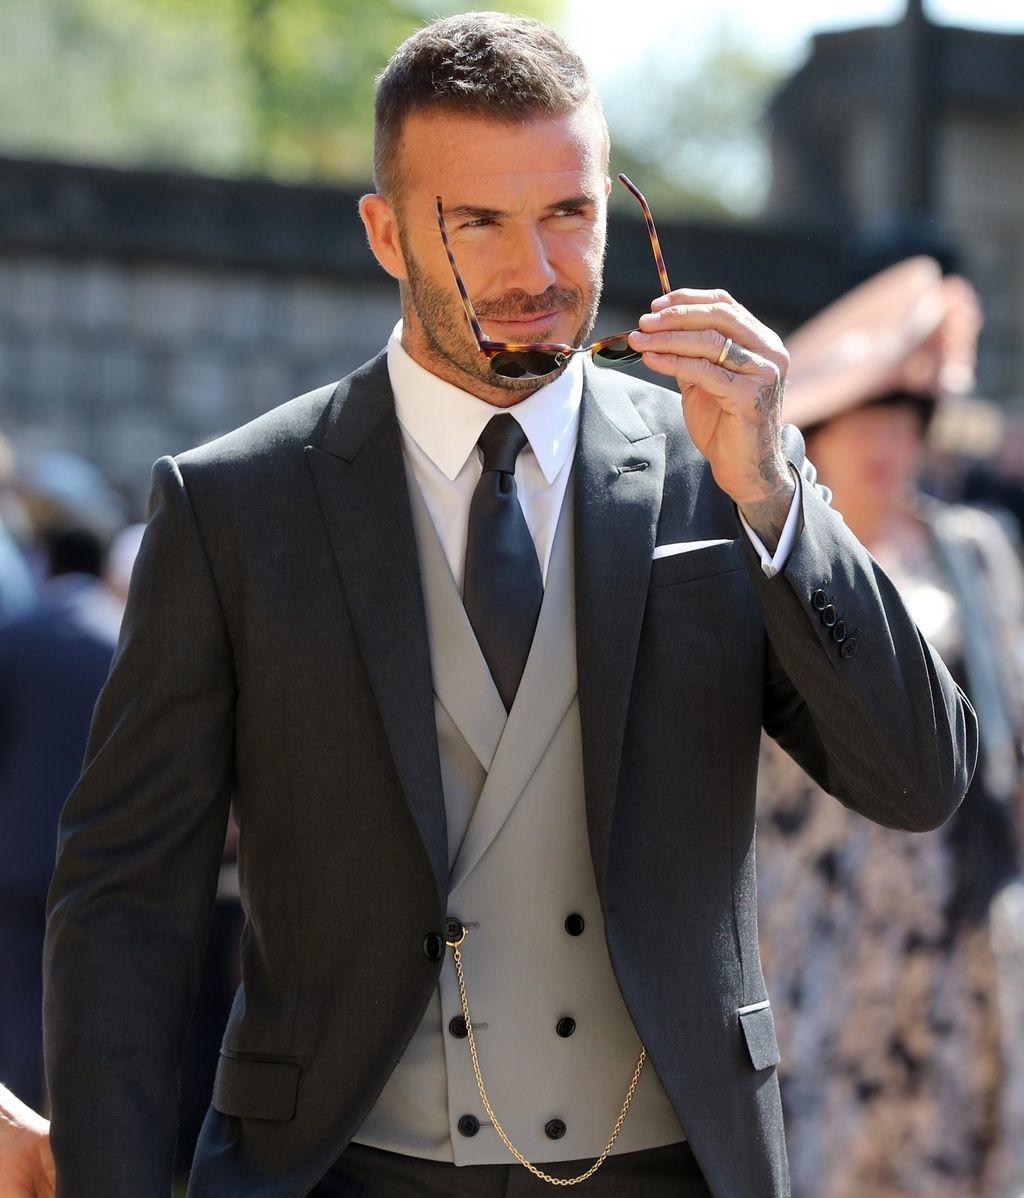 Deportista boda la boda real del Príncipe Harry y Meghan